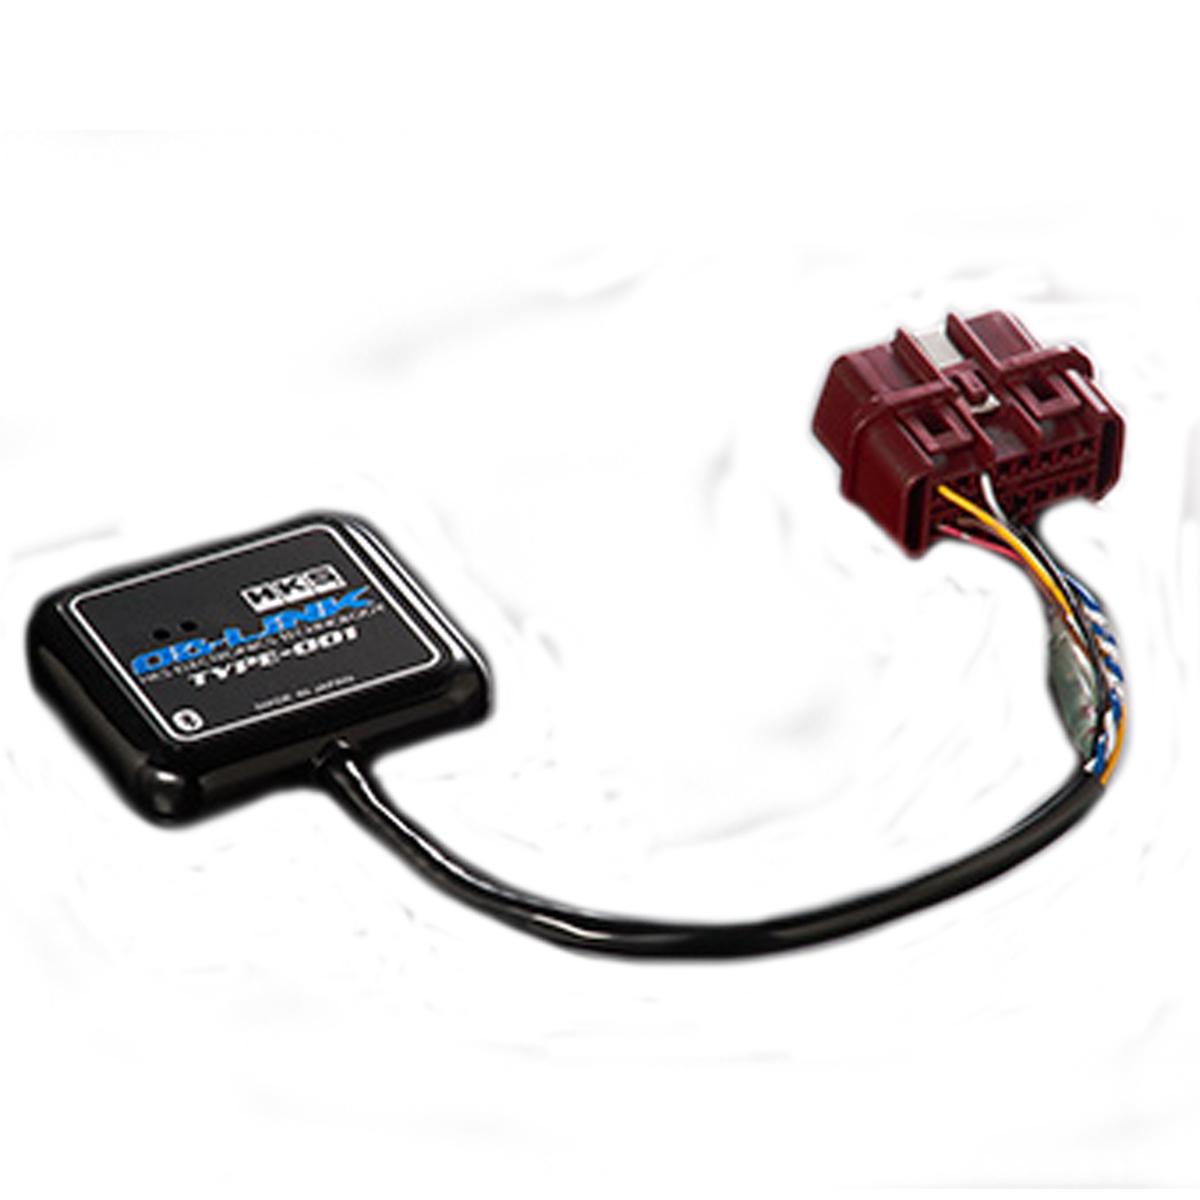 レガシィ 2.5L モニター OBリンク タイプ 001 BPH HKS 44009-AK002 エレクトリニクス 個人宅発送追金有